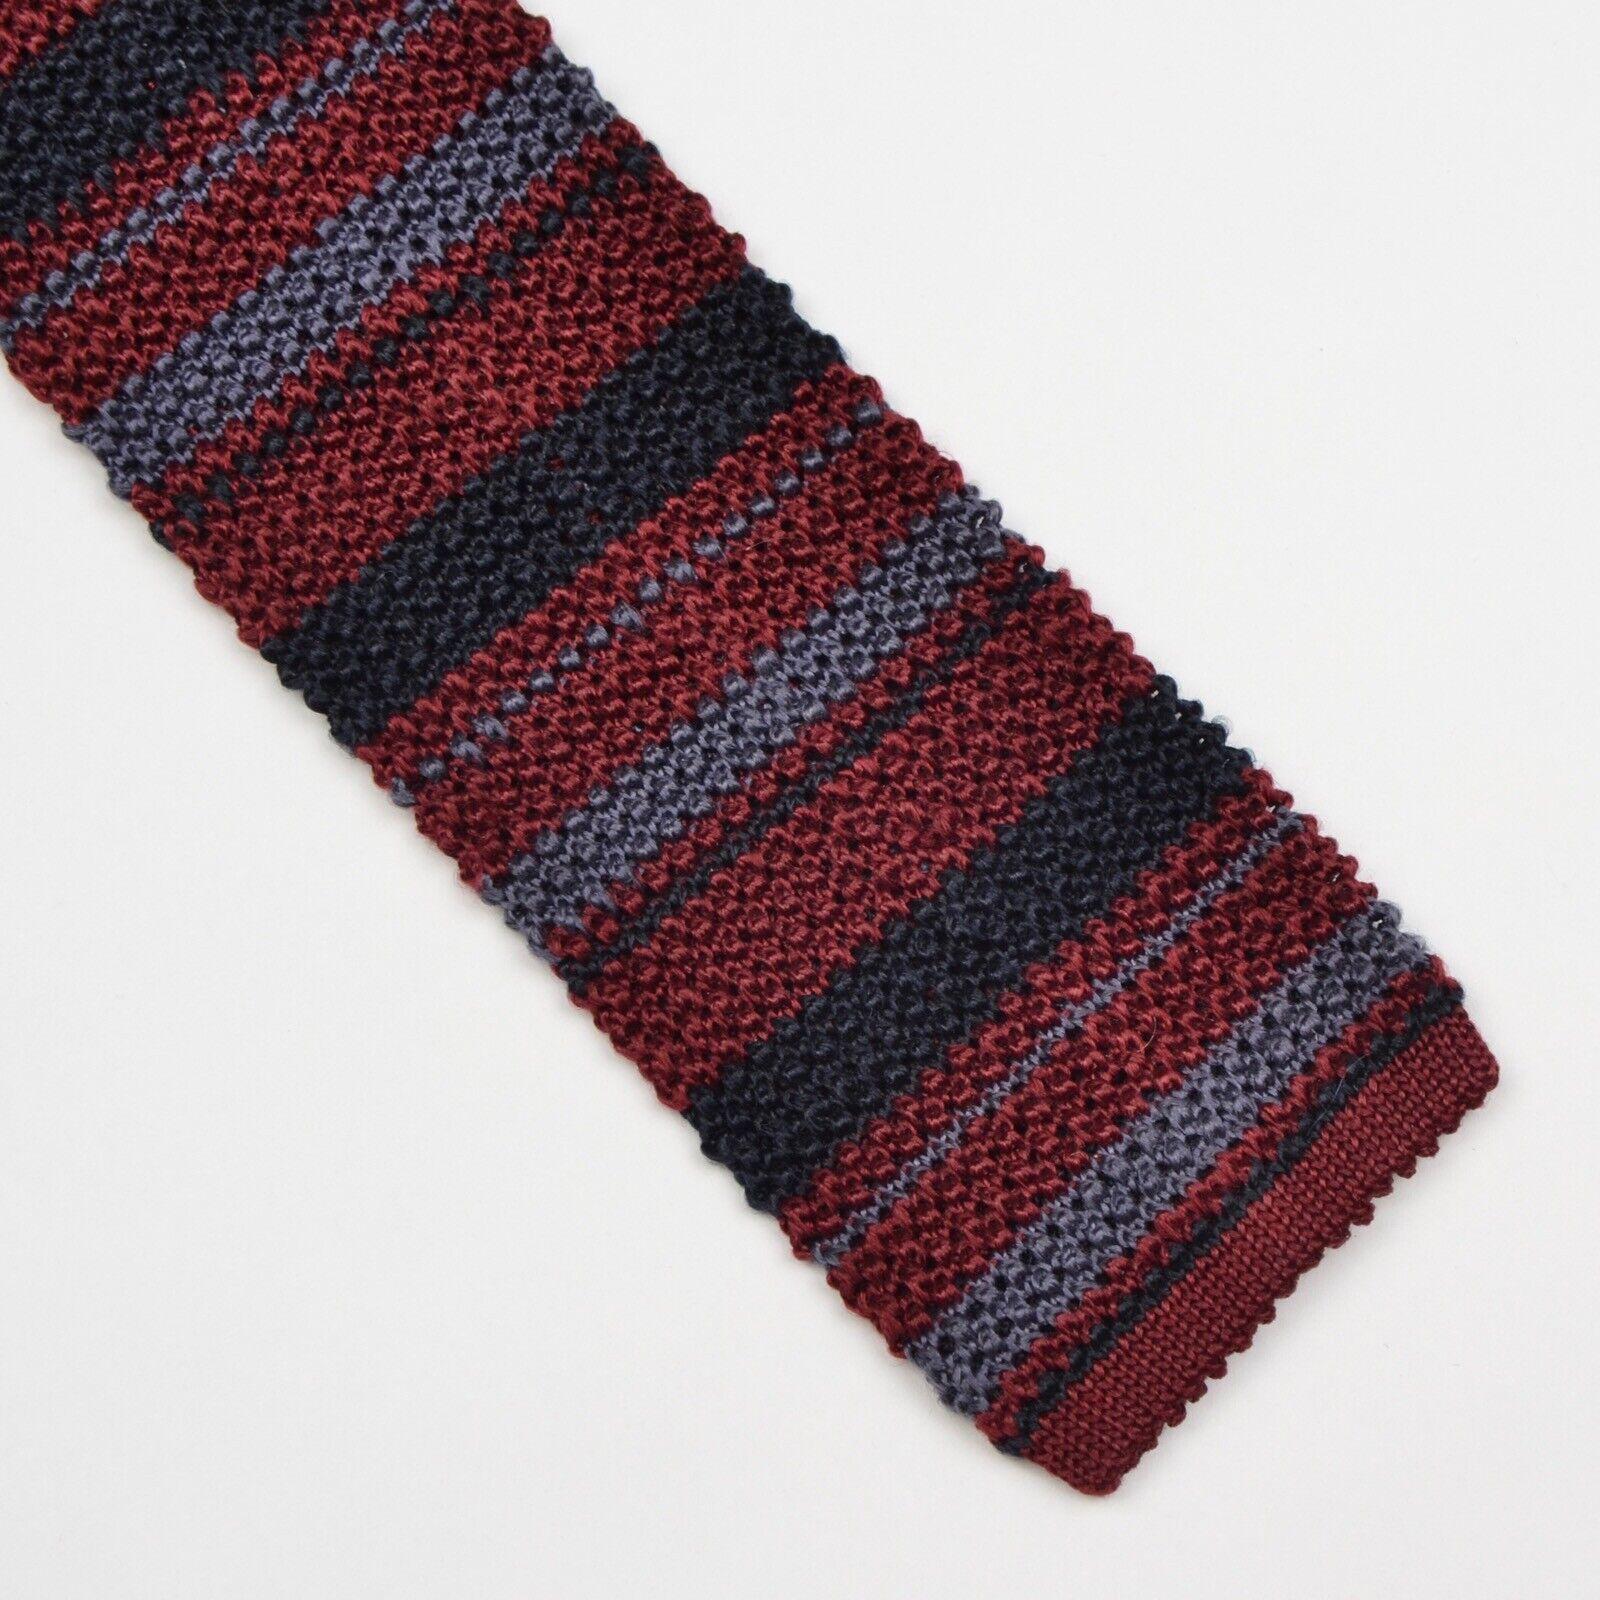 100% Seide Gestrickte Krawatte Knit Tie Silk Streifen Stripes Burgunderrot Blau